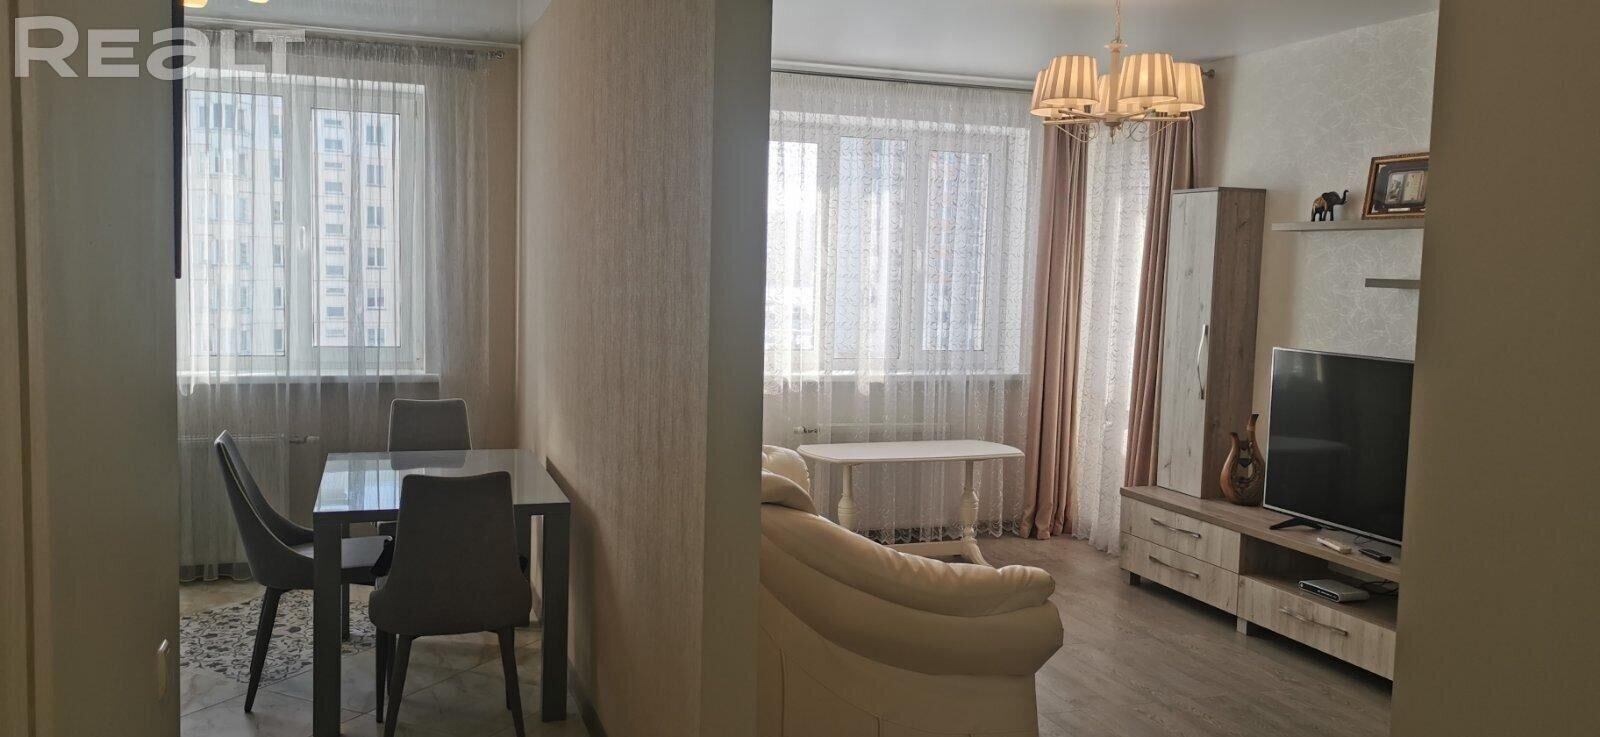 Продажа 1 комнатной квартиры в г. Минске, ул. Налибокская, дом 34 (р-н Каменная горка). Цена 167 701 руб